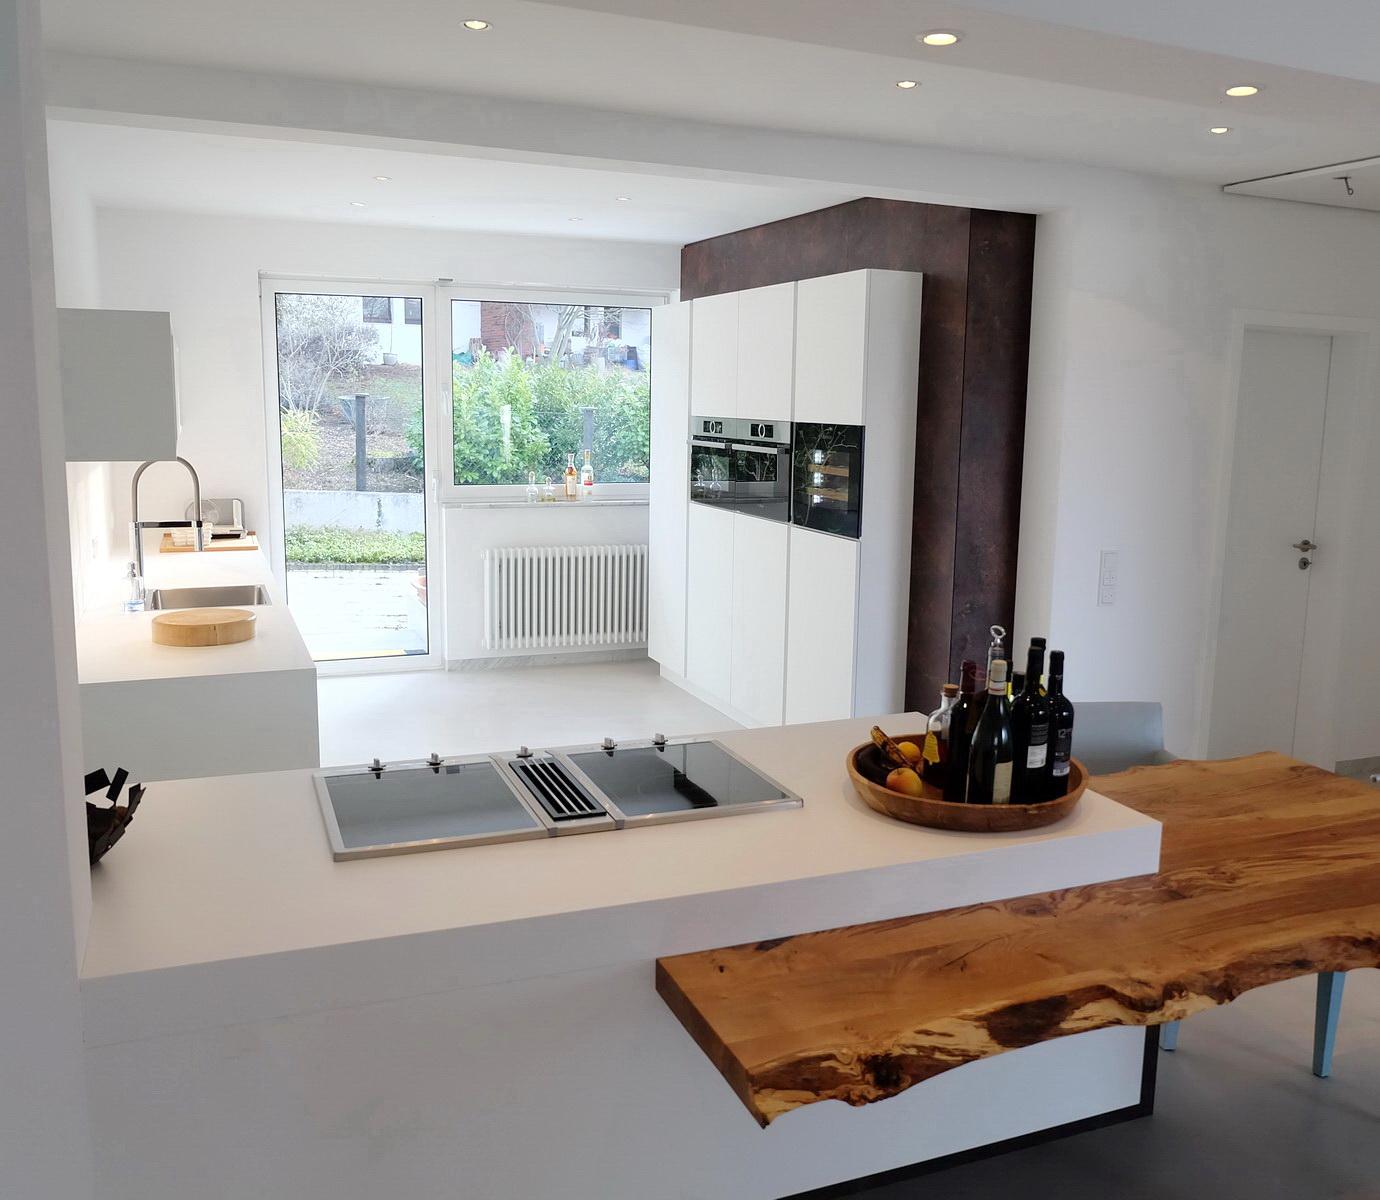 Wandregal Küche Mit Schüben | Handwerk Resch Innenausbau